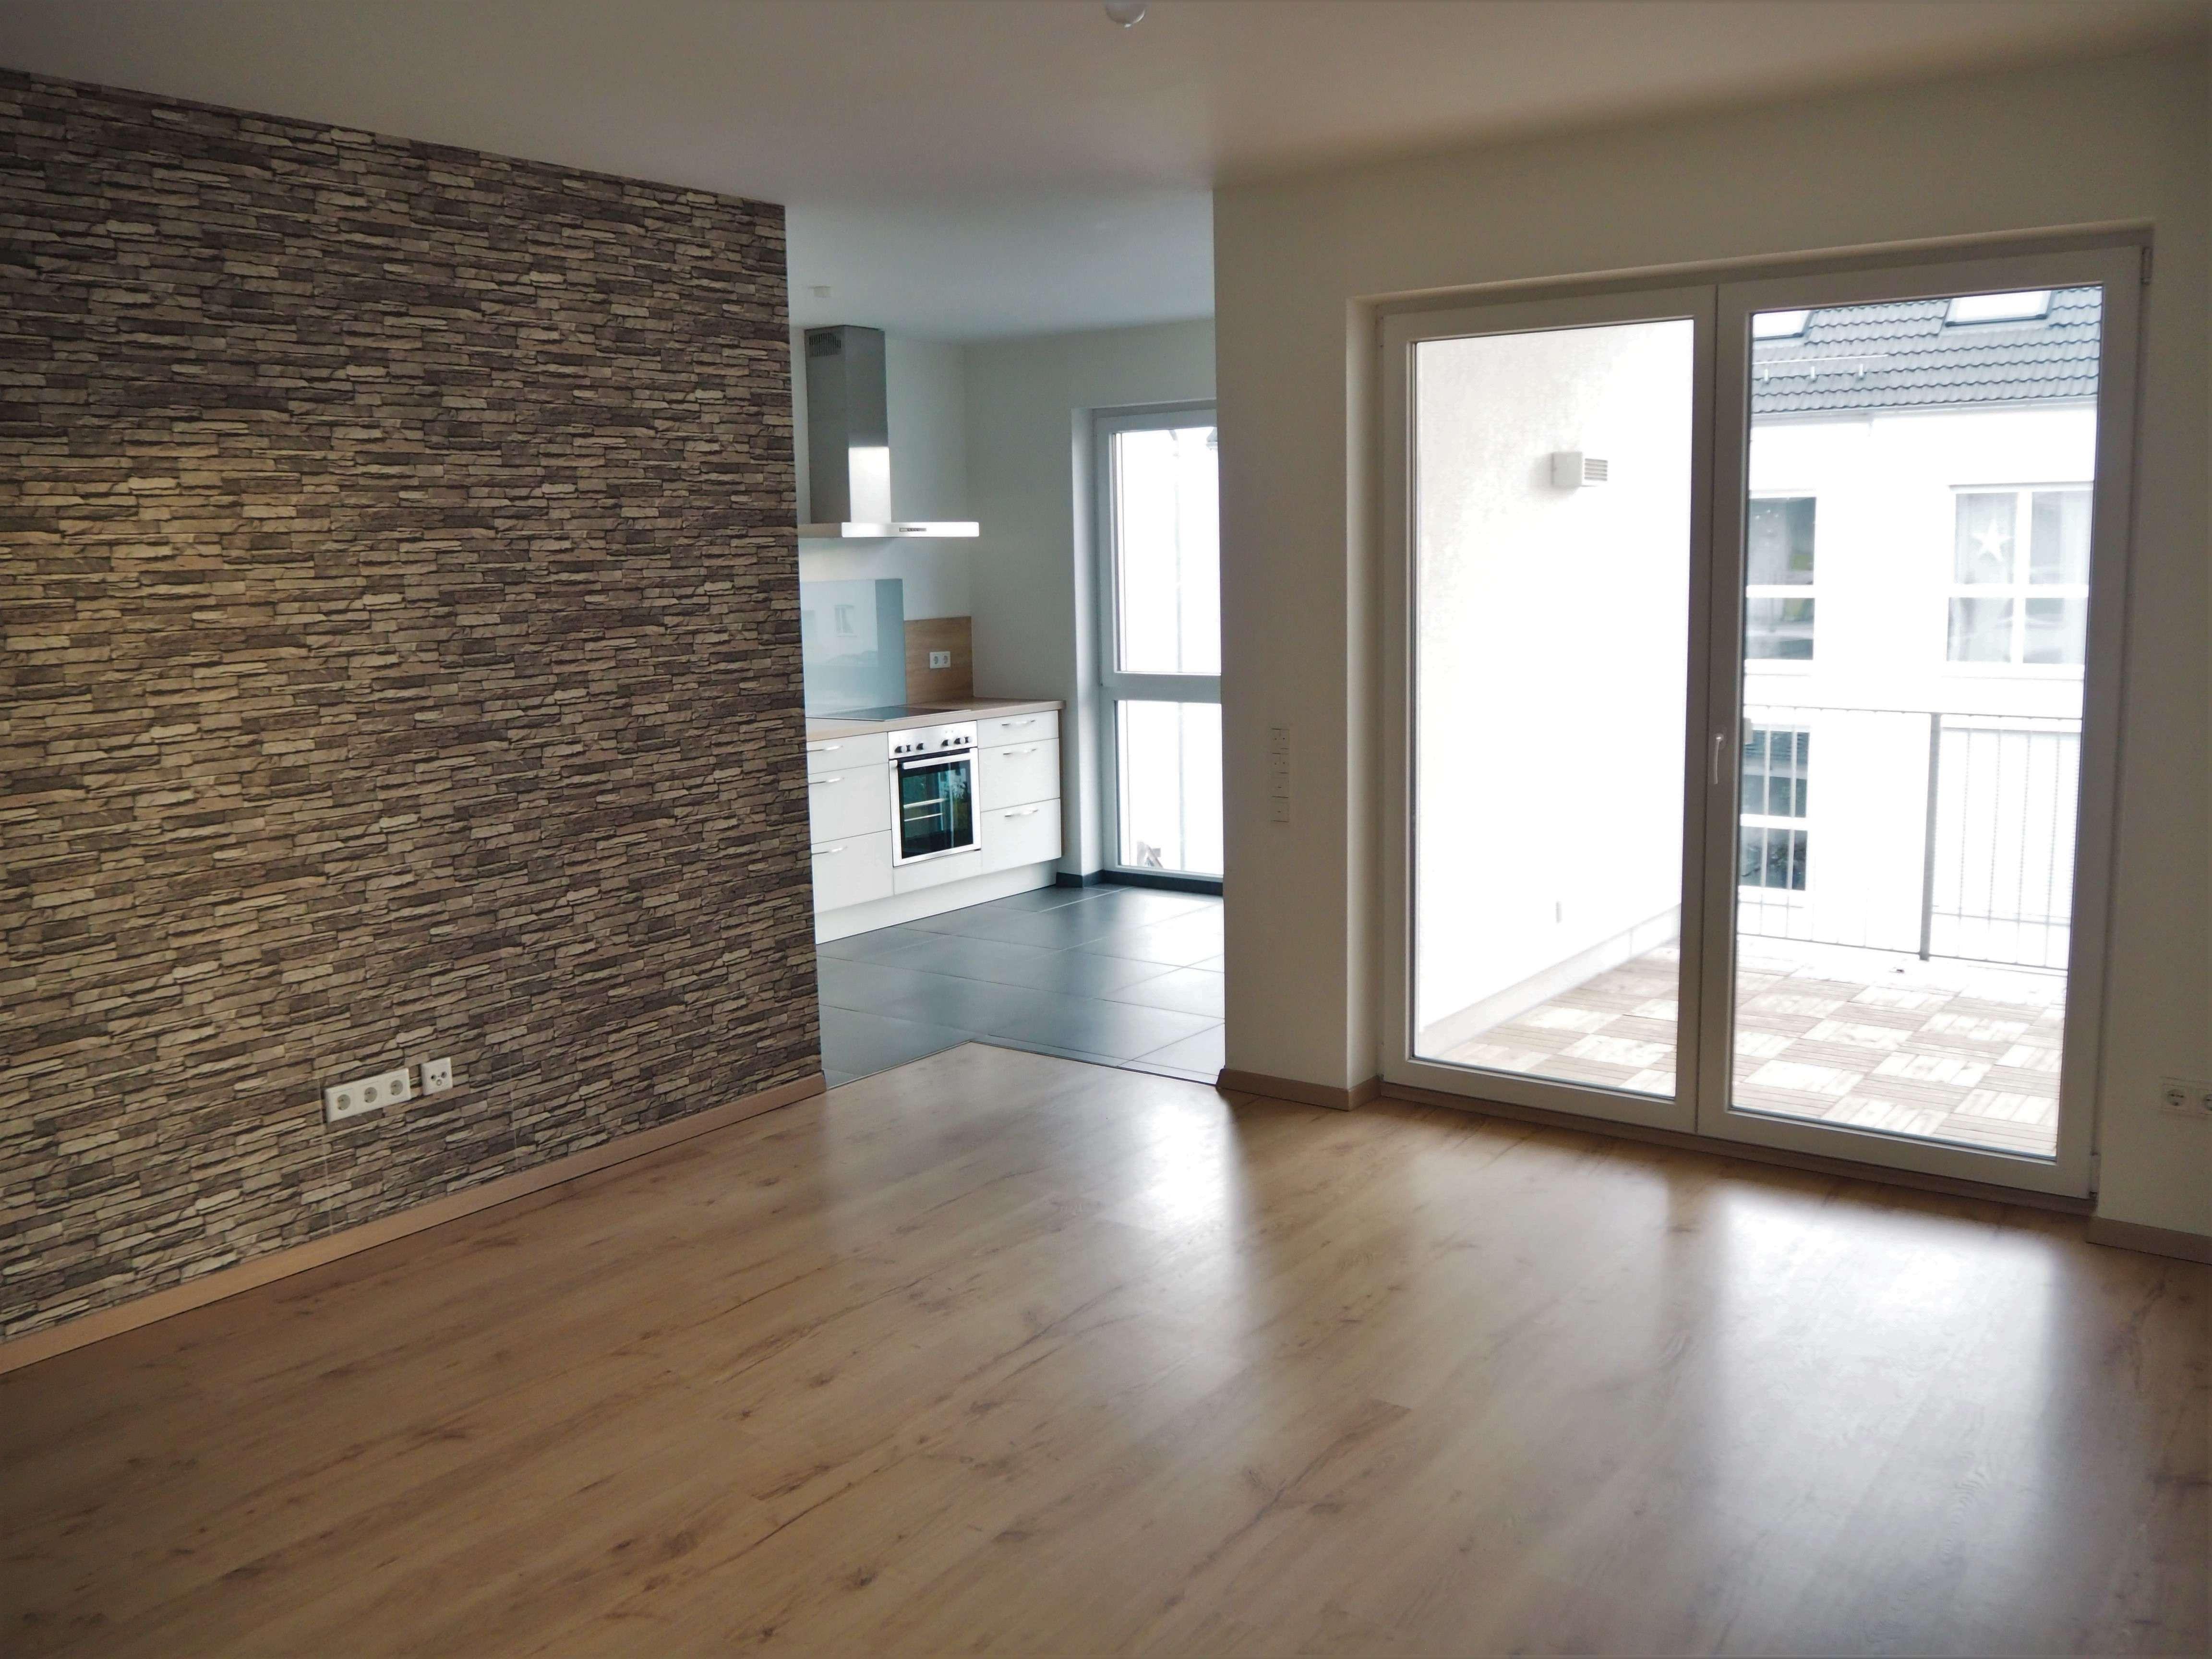 neuwertige 2-Zimmer-Wohnung mit Balkon und Einbauküche in perfekter Stadtlage von Aschaffenburg in